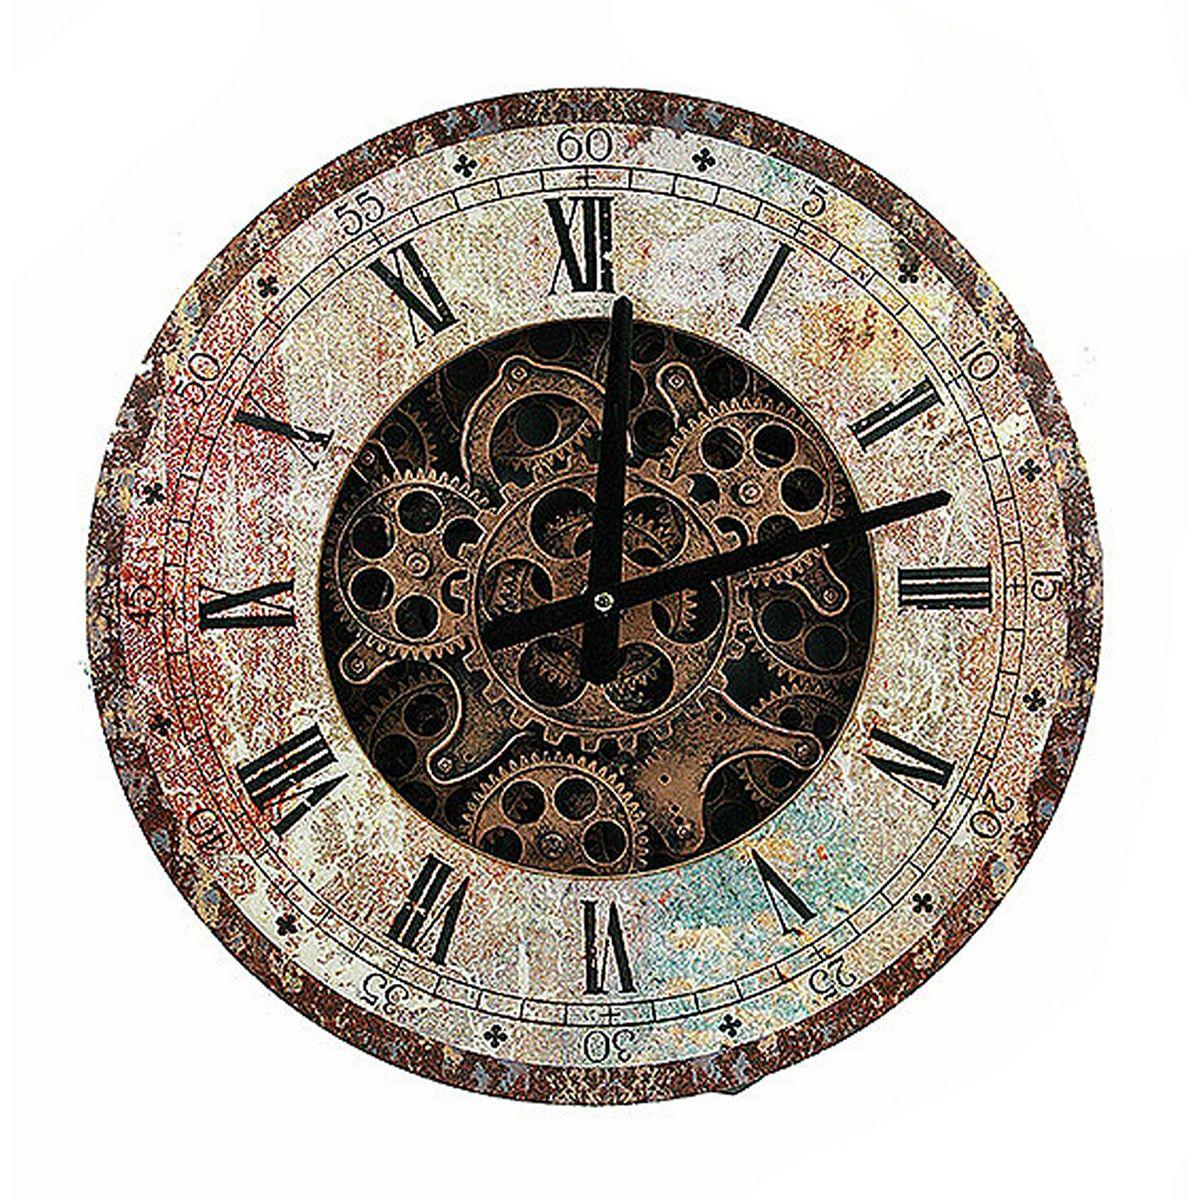 Часы настенные Русские Подарки, 40 х 40 х 7 см. 3478794672Настенные кварцевые часы Русские Подарки изготовлены из МДФ. Корпус оформлен изображением больших и маленьких шестеренок часового механизма. Часы имеют две стрелки - часовую и минутную. С обратной стороны имеетсяпетелька для подвешивания на стену.Изящные часы красиво и оригинально оформят интерьер дома или офиса. Также часы могут стать уникальным, полезным подарком для родственников, коллег, знакомых и близких.Часы работают от батареек типа АА (в комплект не входят).